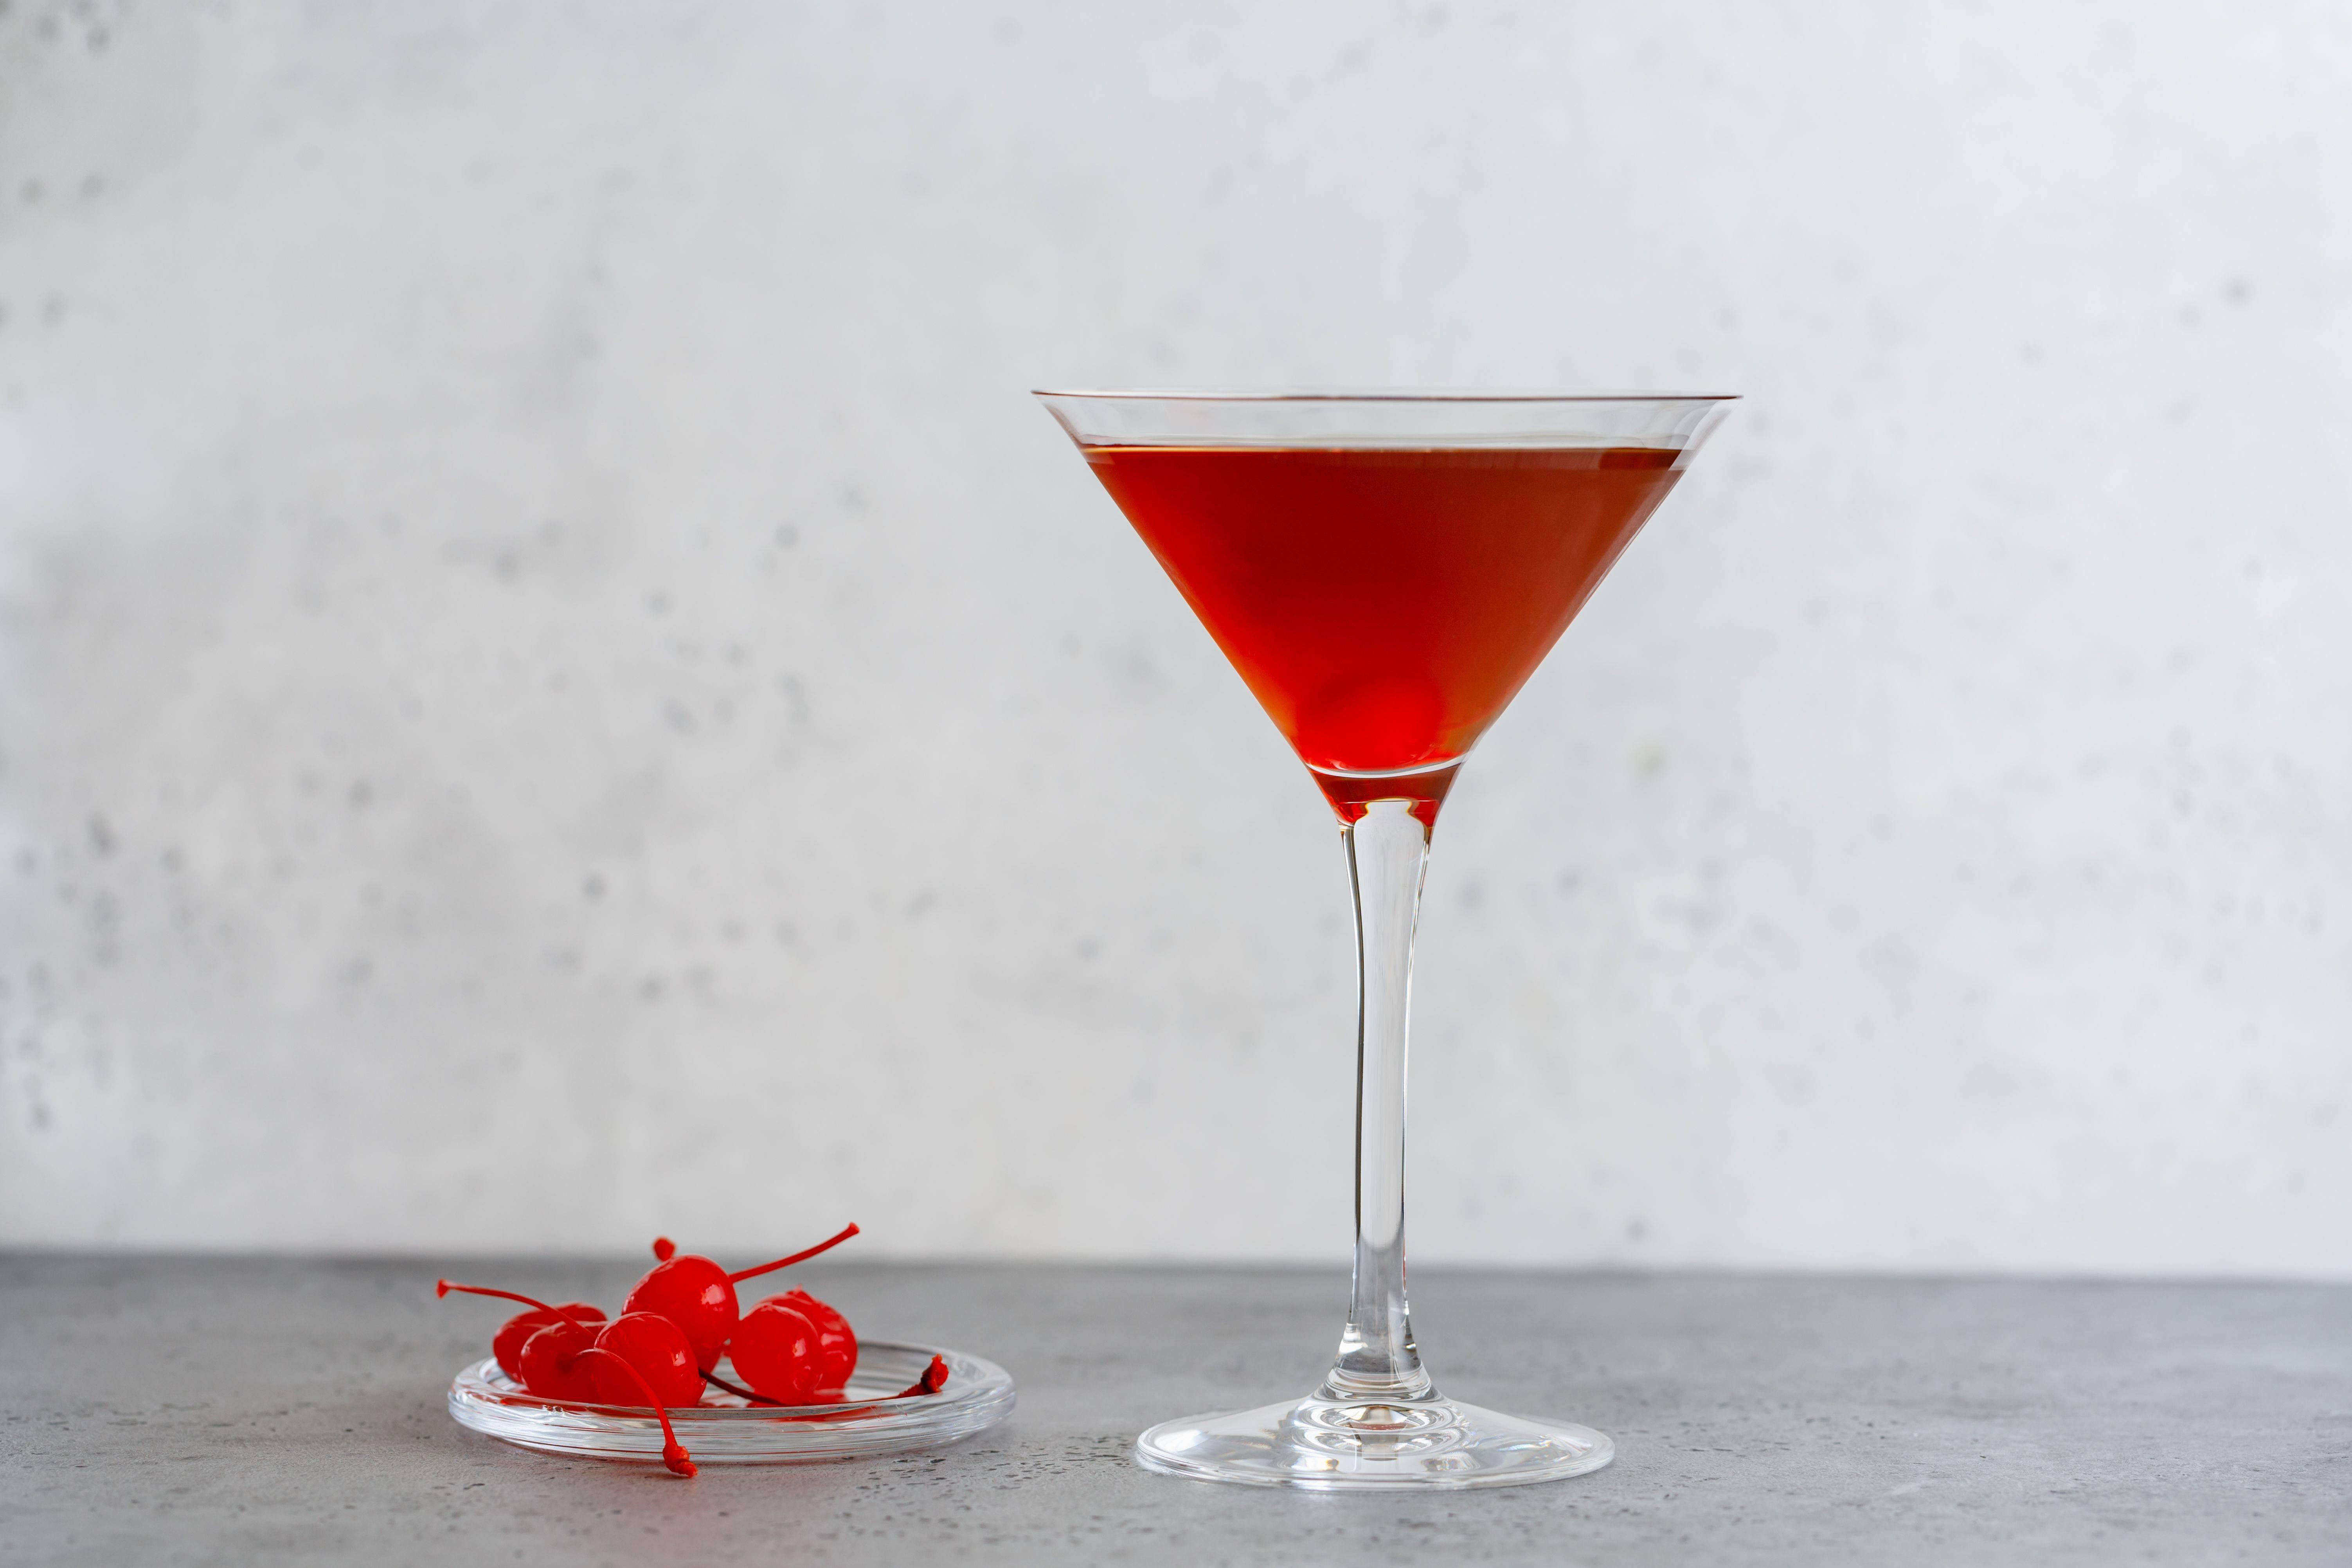 Коктейль manhattan (манхэттен) - история коктейля, состав и рецепт